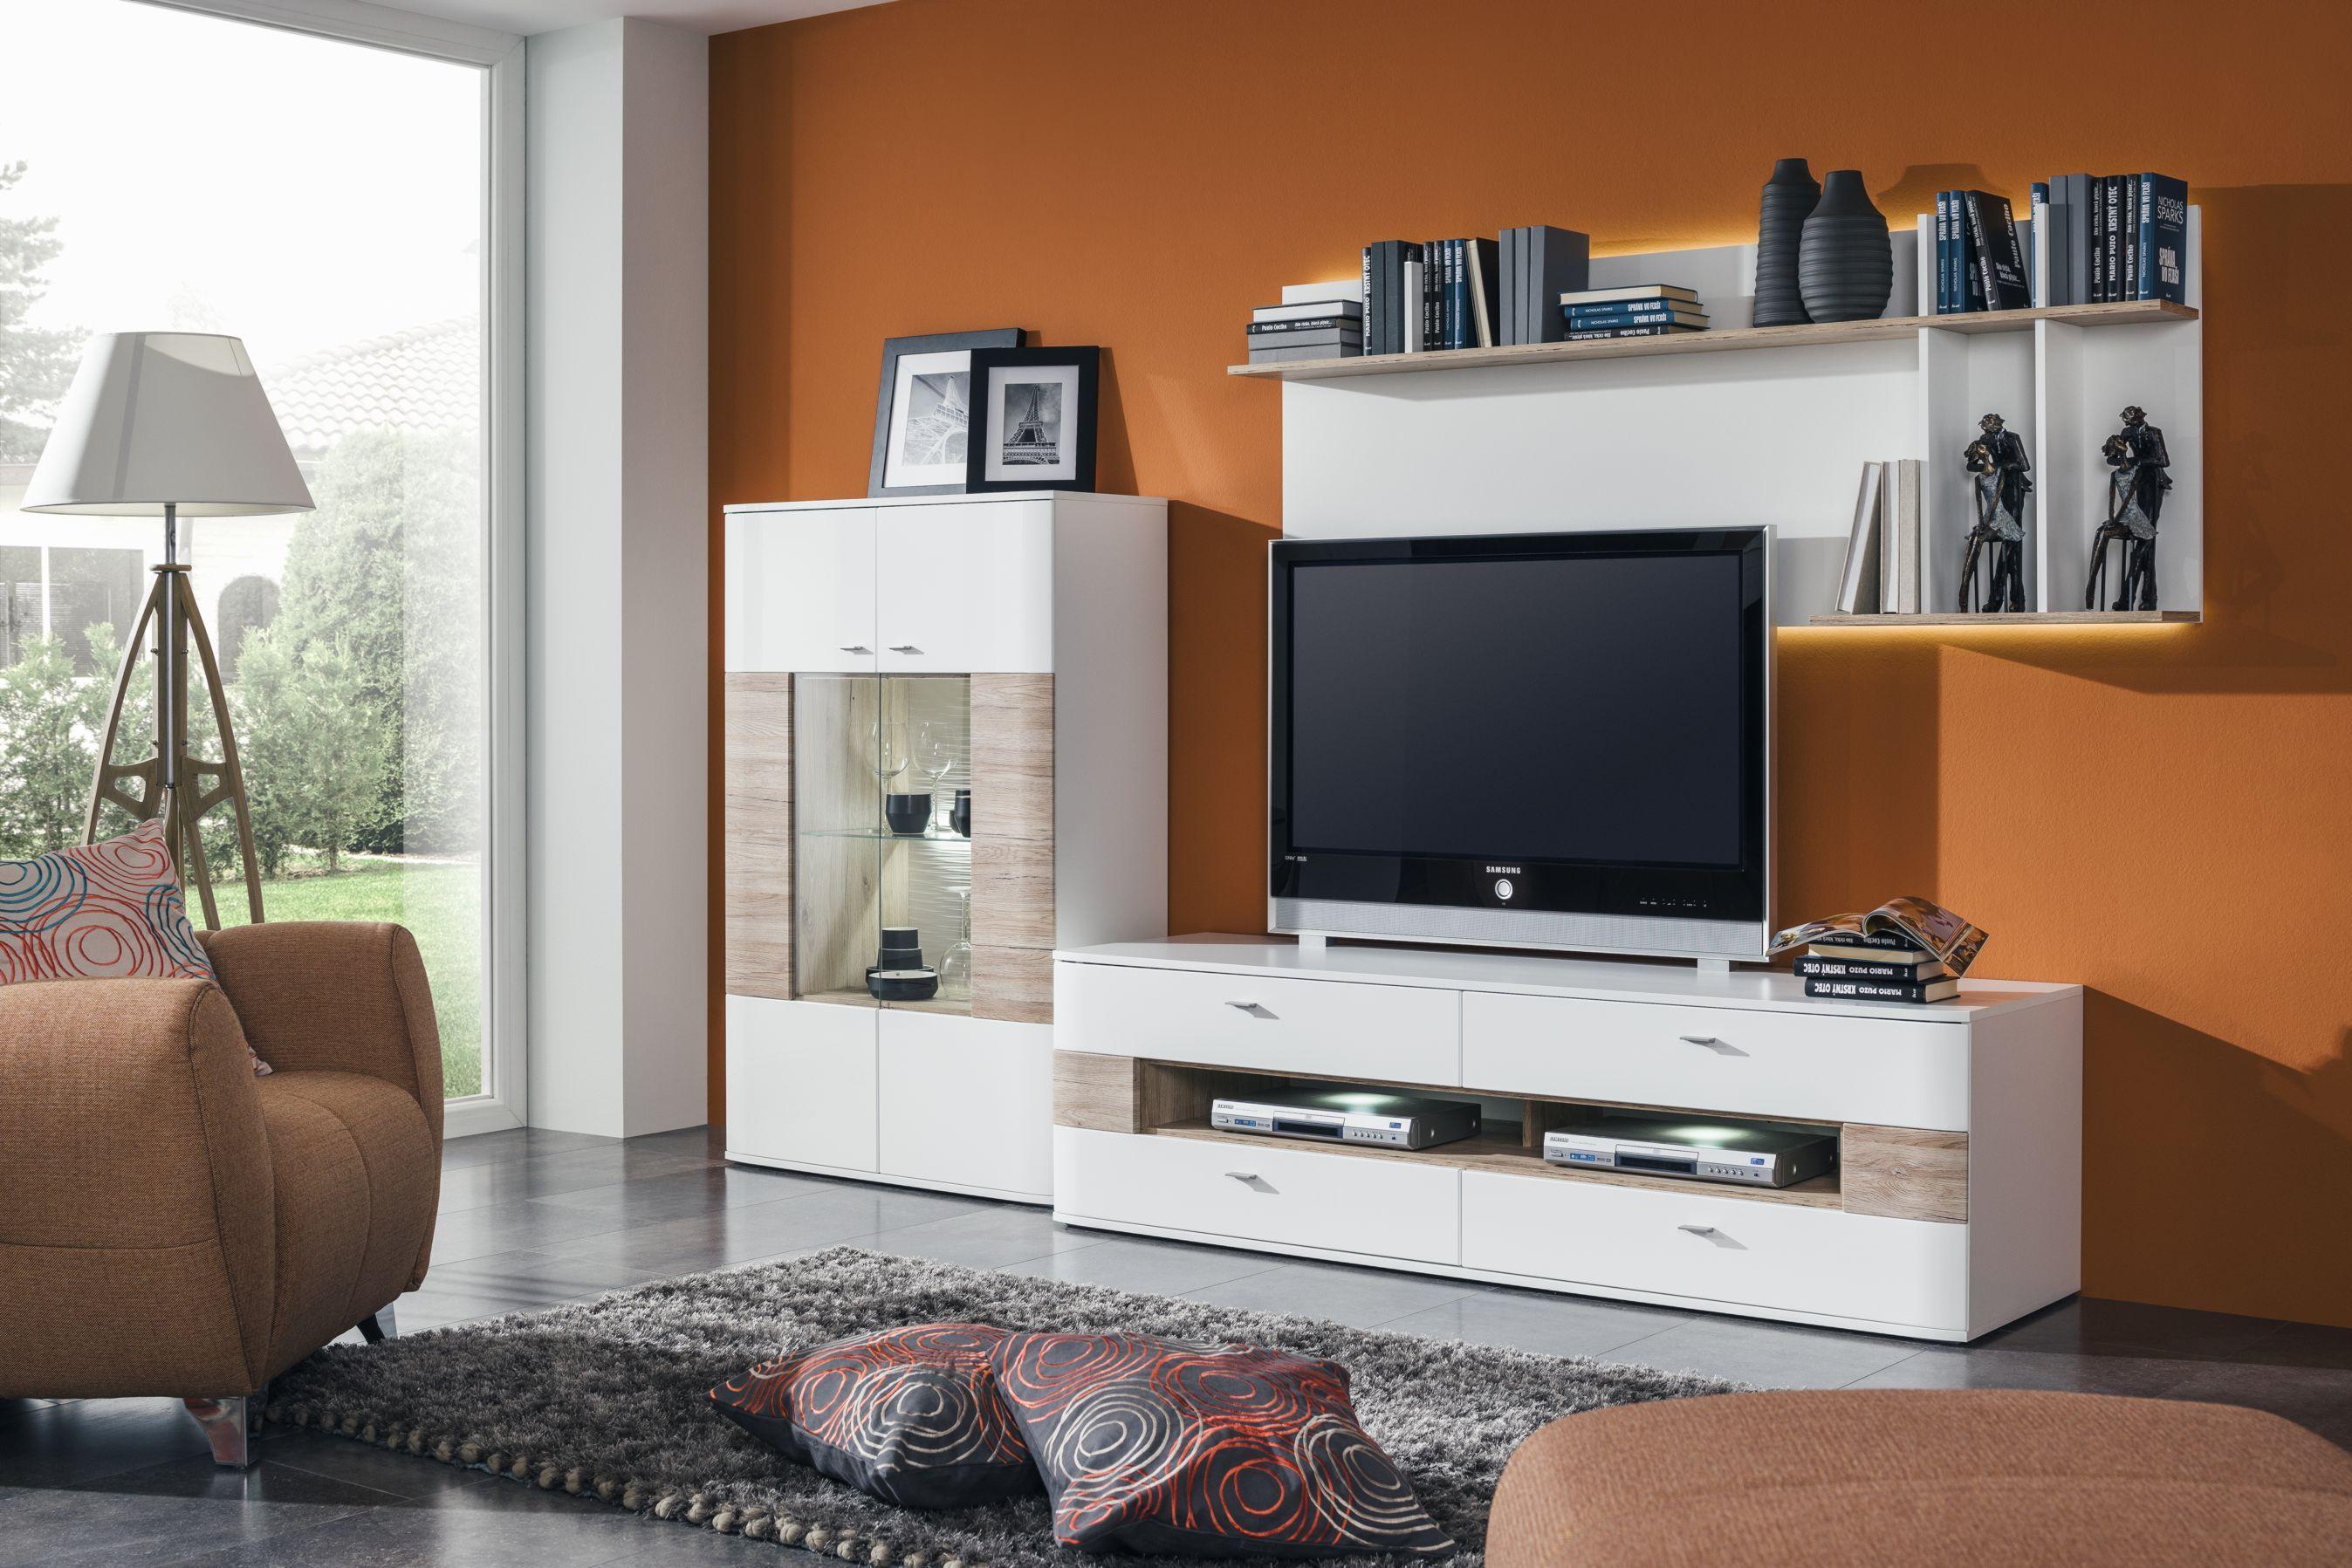 obývačka decodom: dallas prevedenie: biela - biela vl / san remo